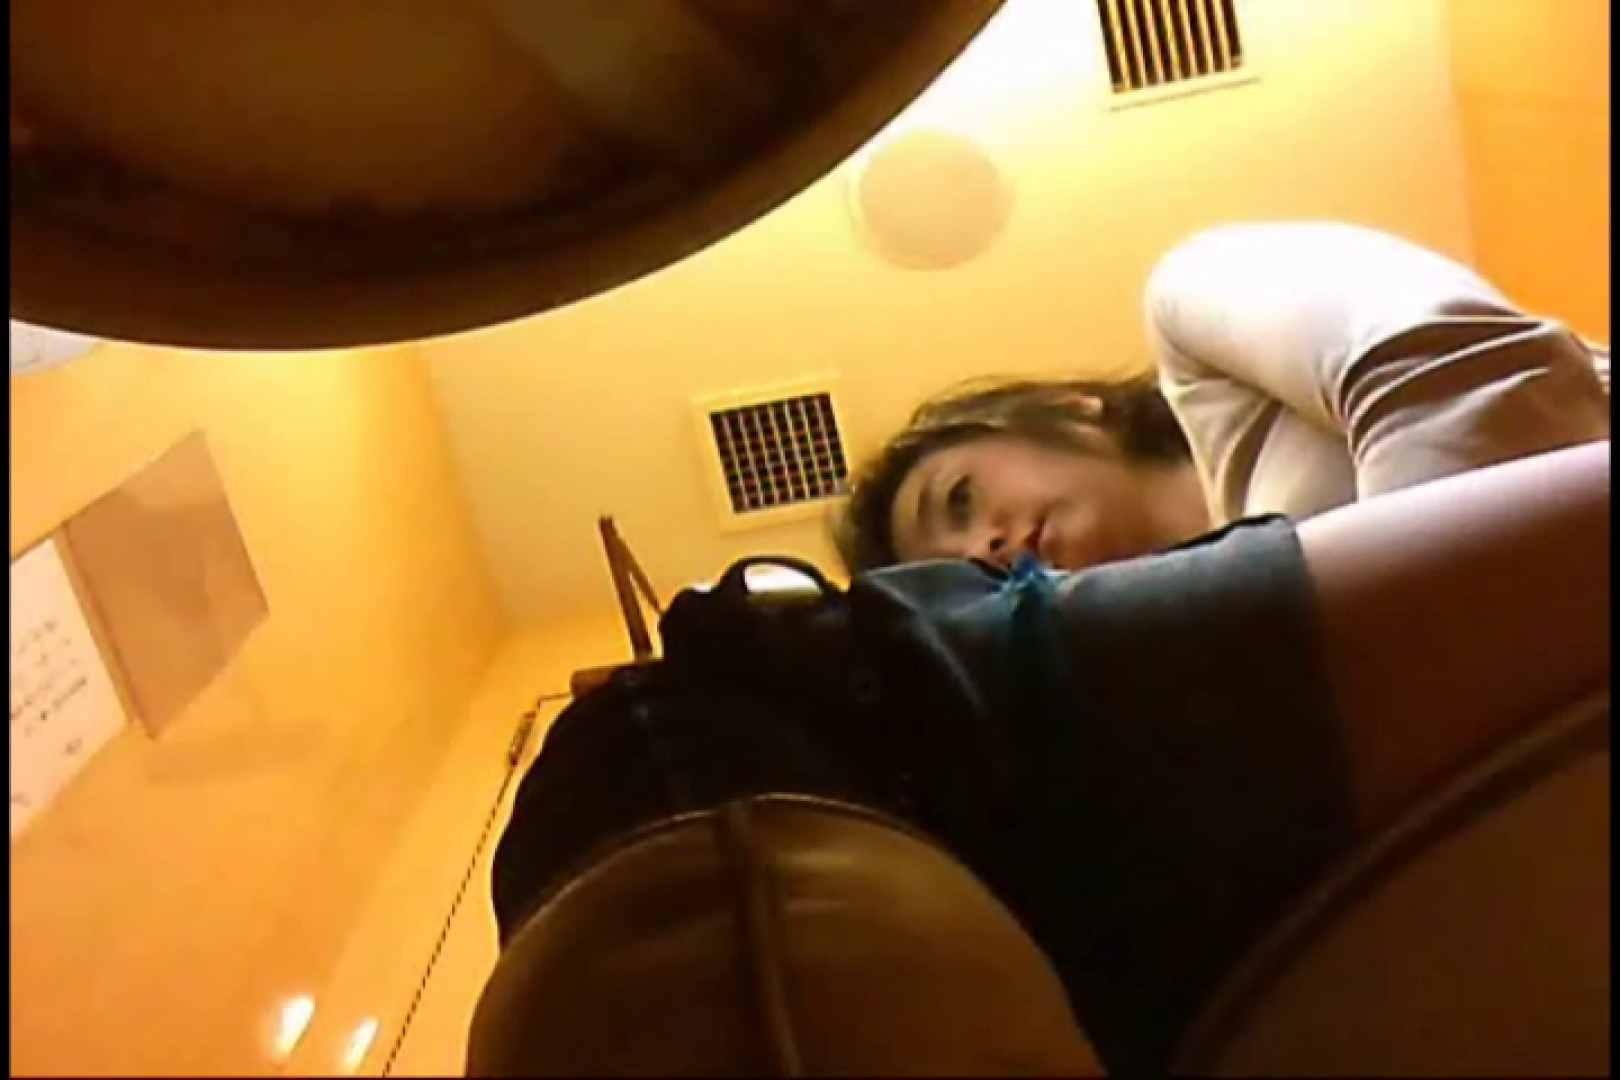 マダムが集まるデパートお手洗い Vol.14 エッチなOL オマンコ動画キャプチャ 105枚 95